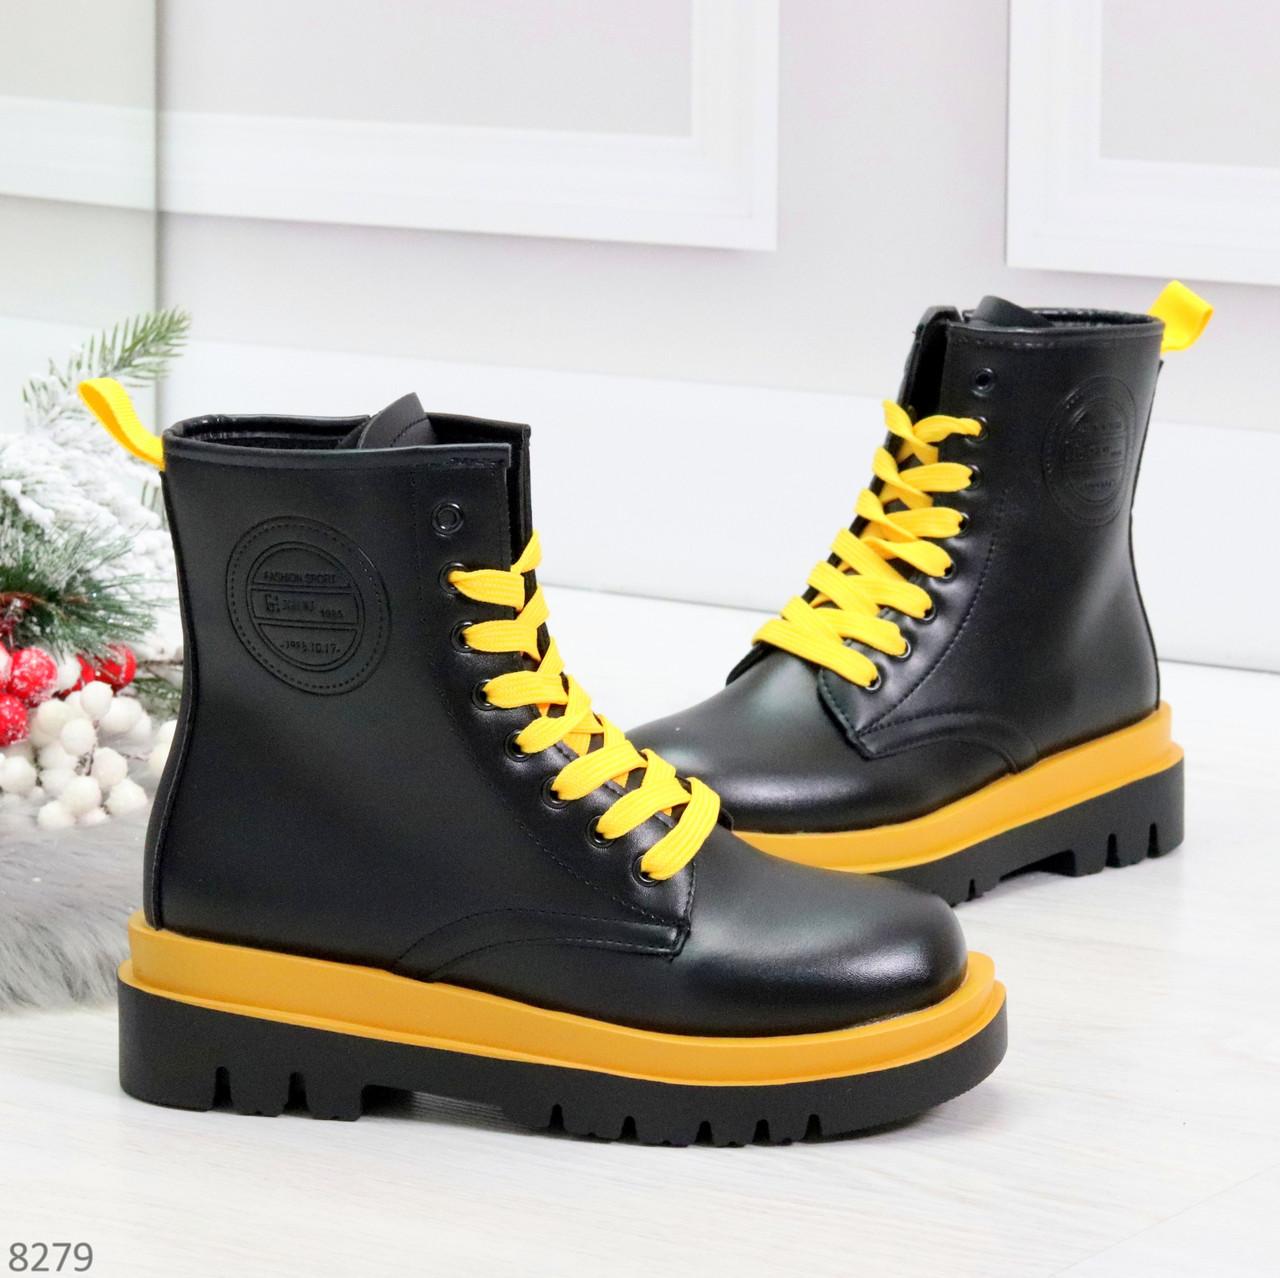 Эффектные яркие черные женские ботинки на желтой шнуровке